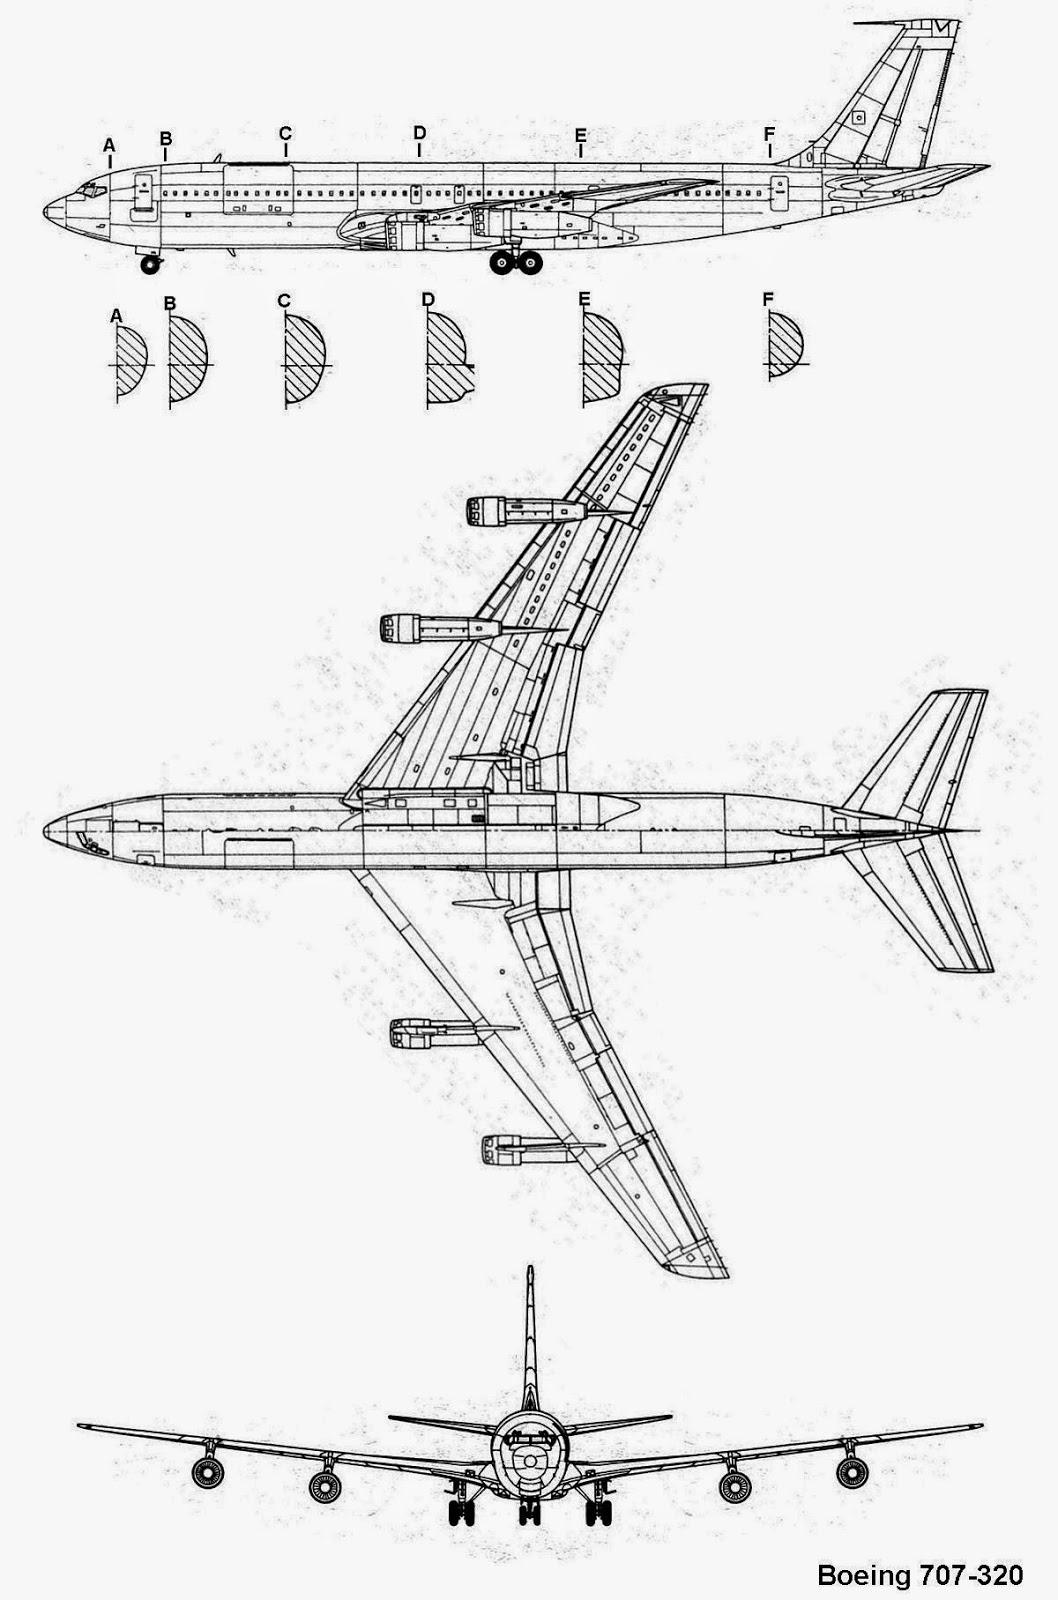 Altimagem Boeing 707